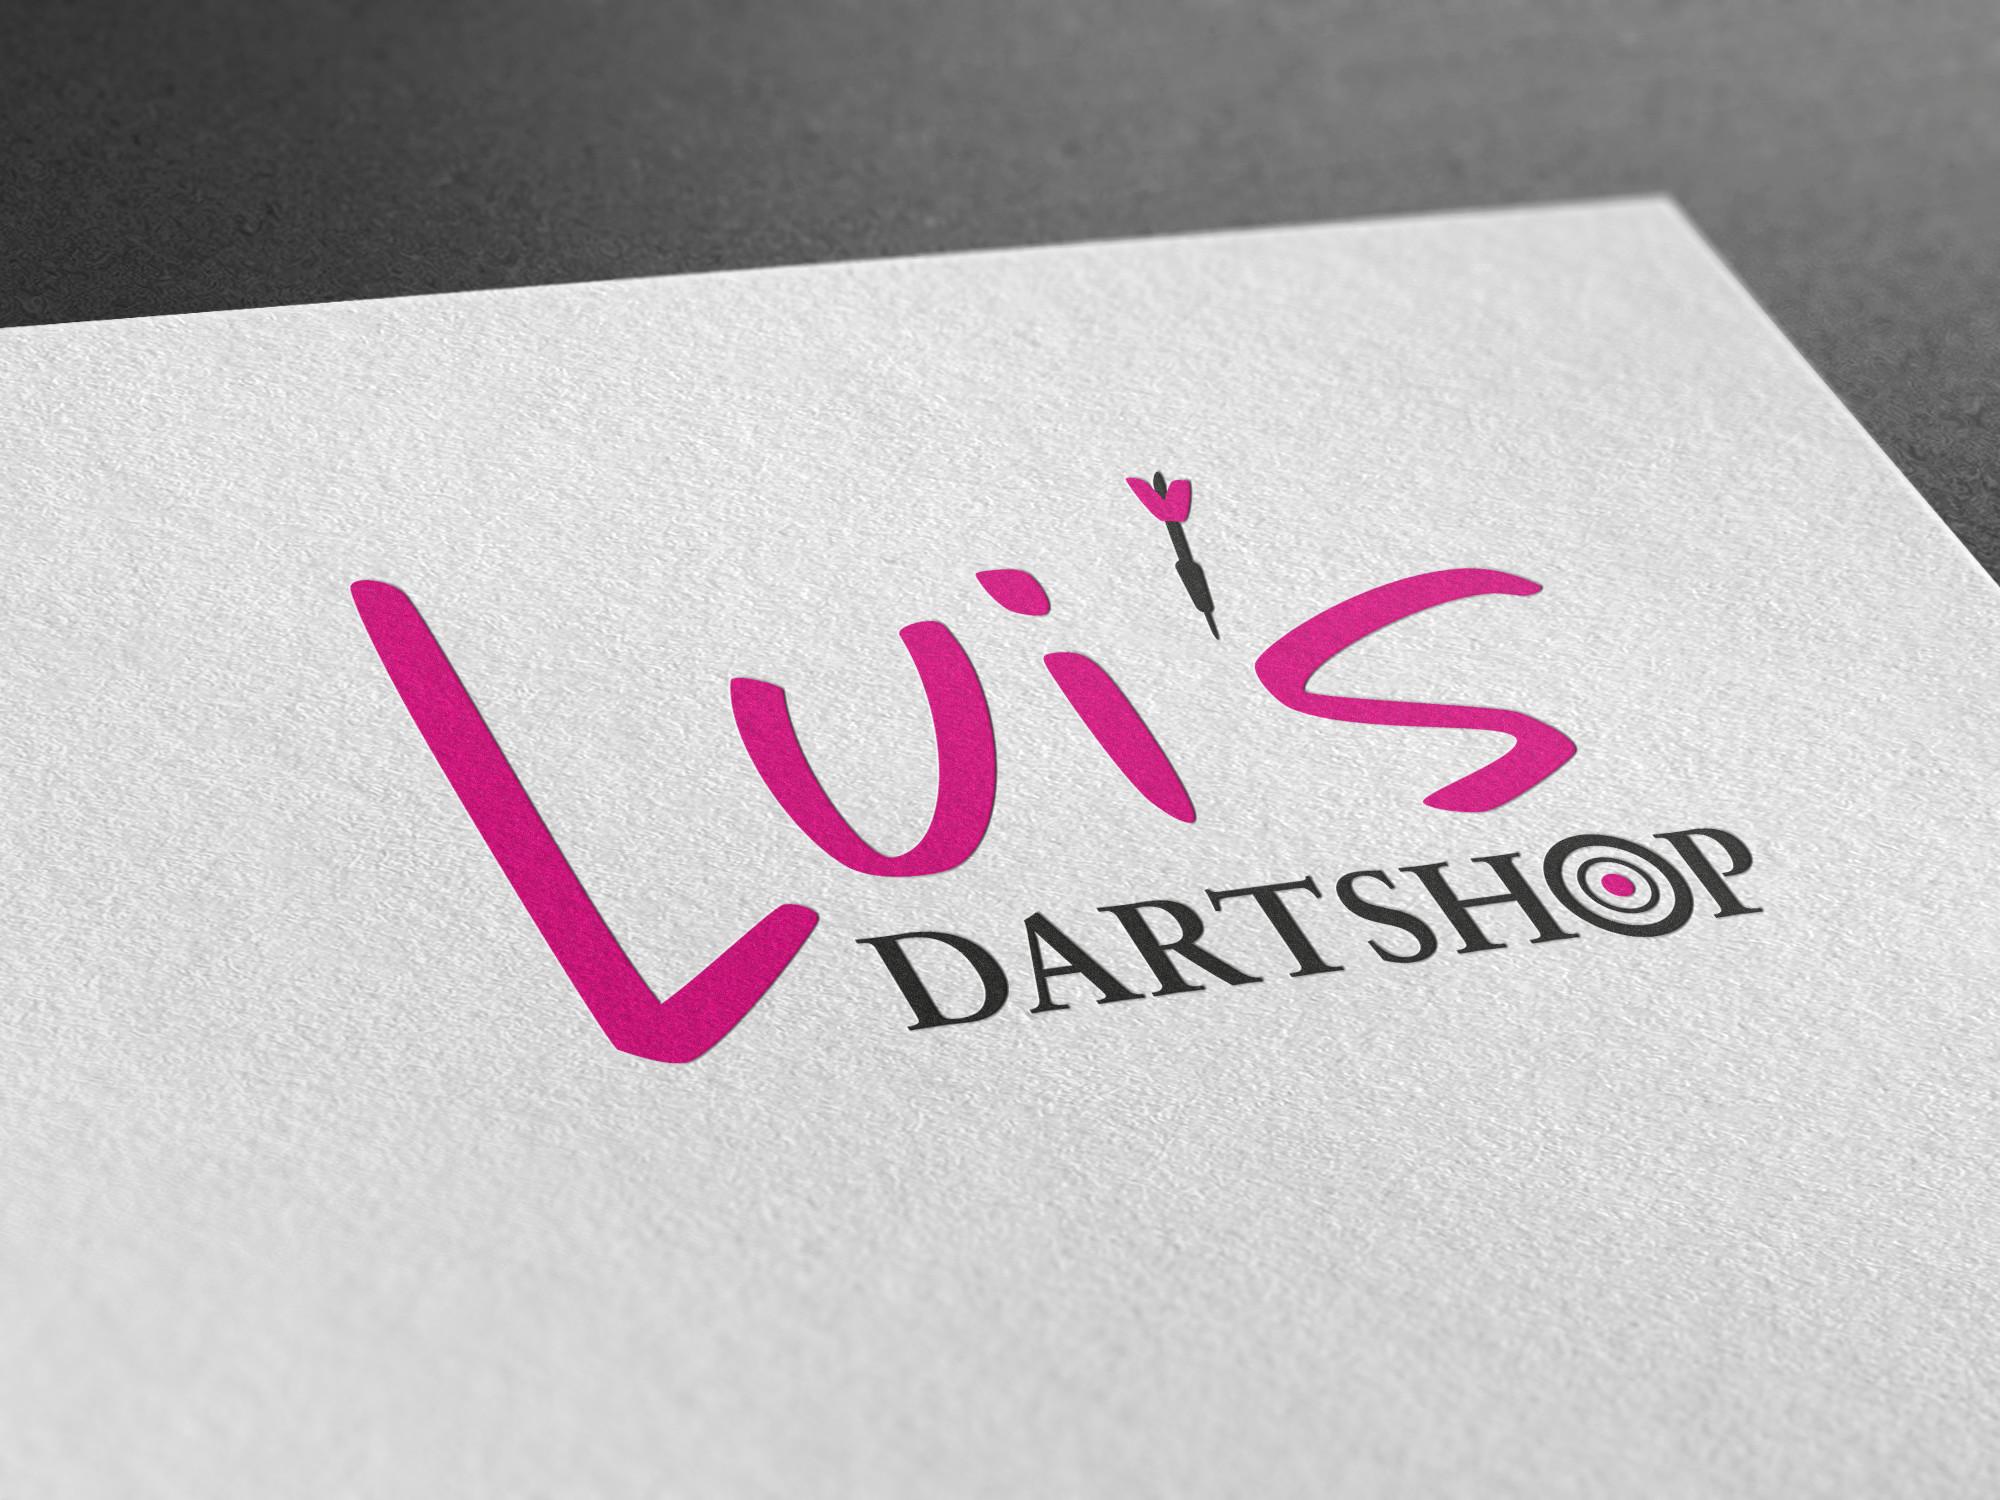 Luis Dartshop